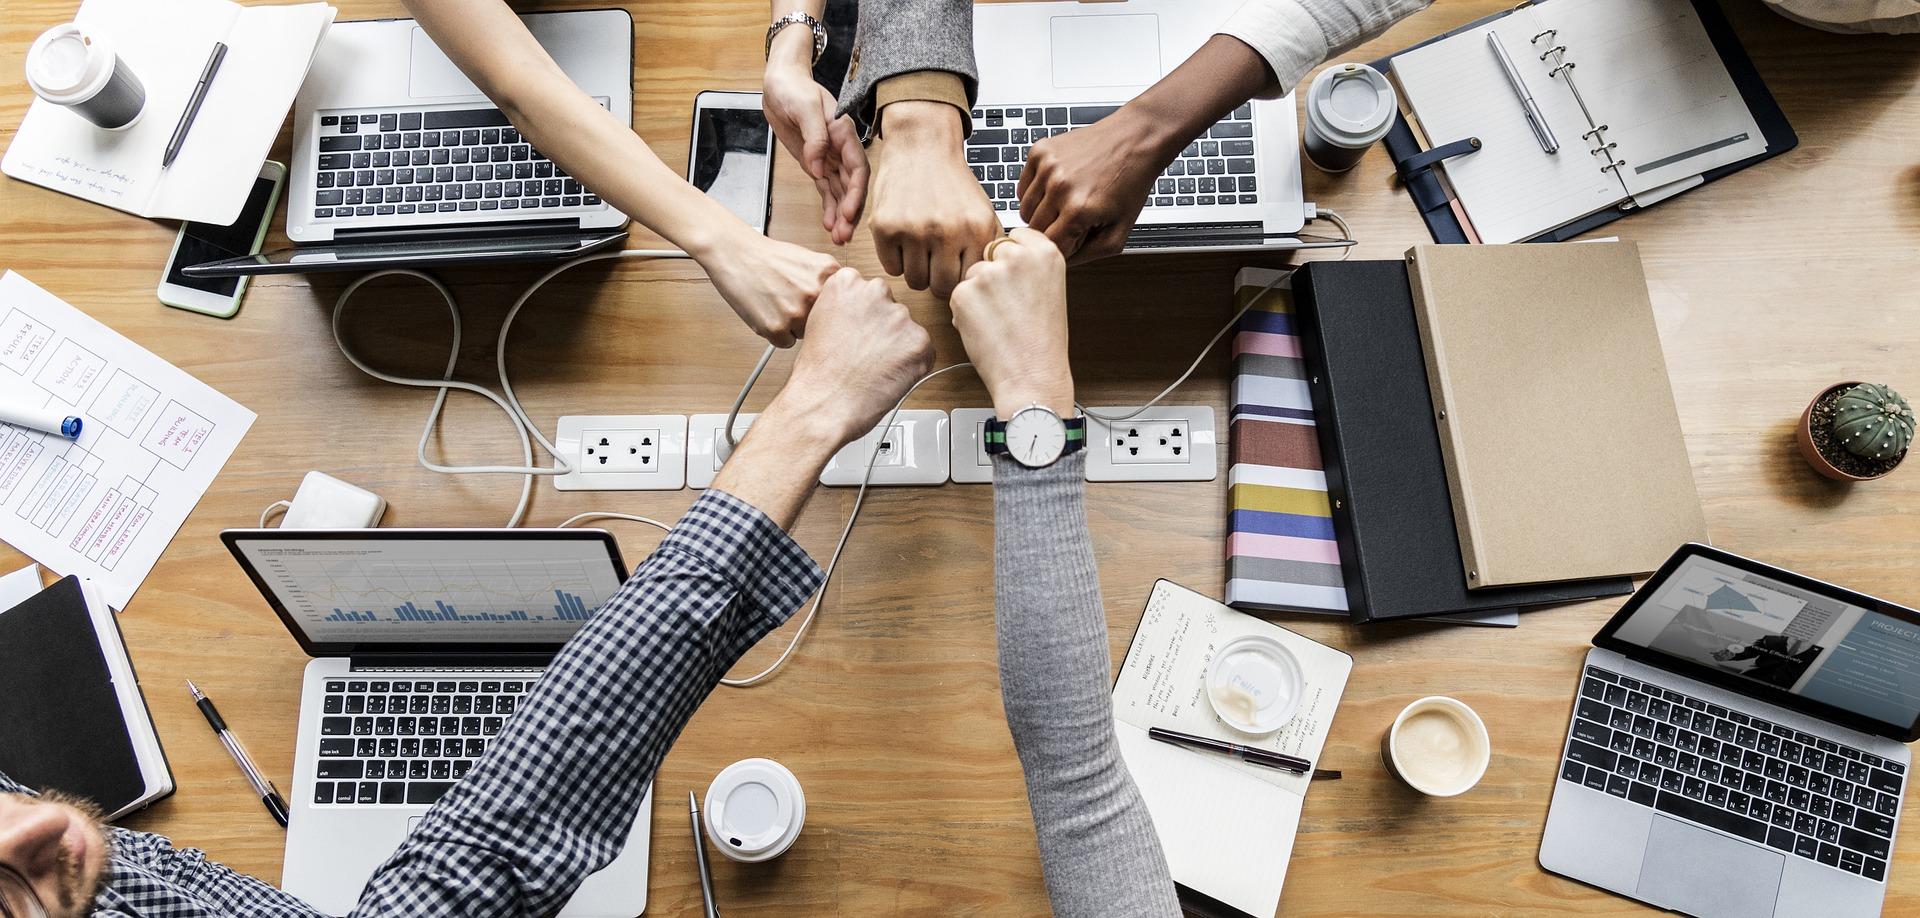 Yhteistyötä kädet yhdessä